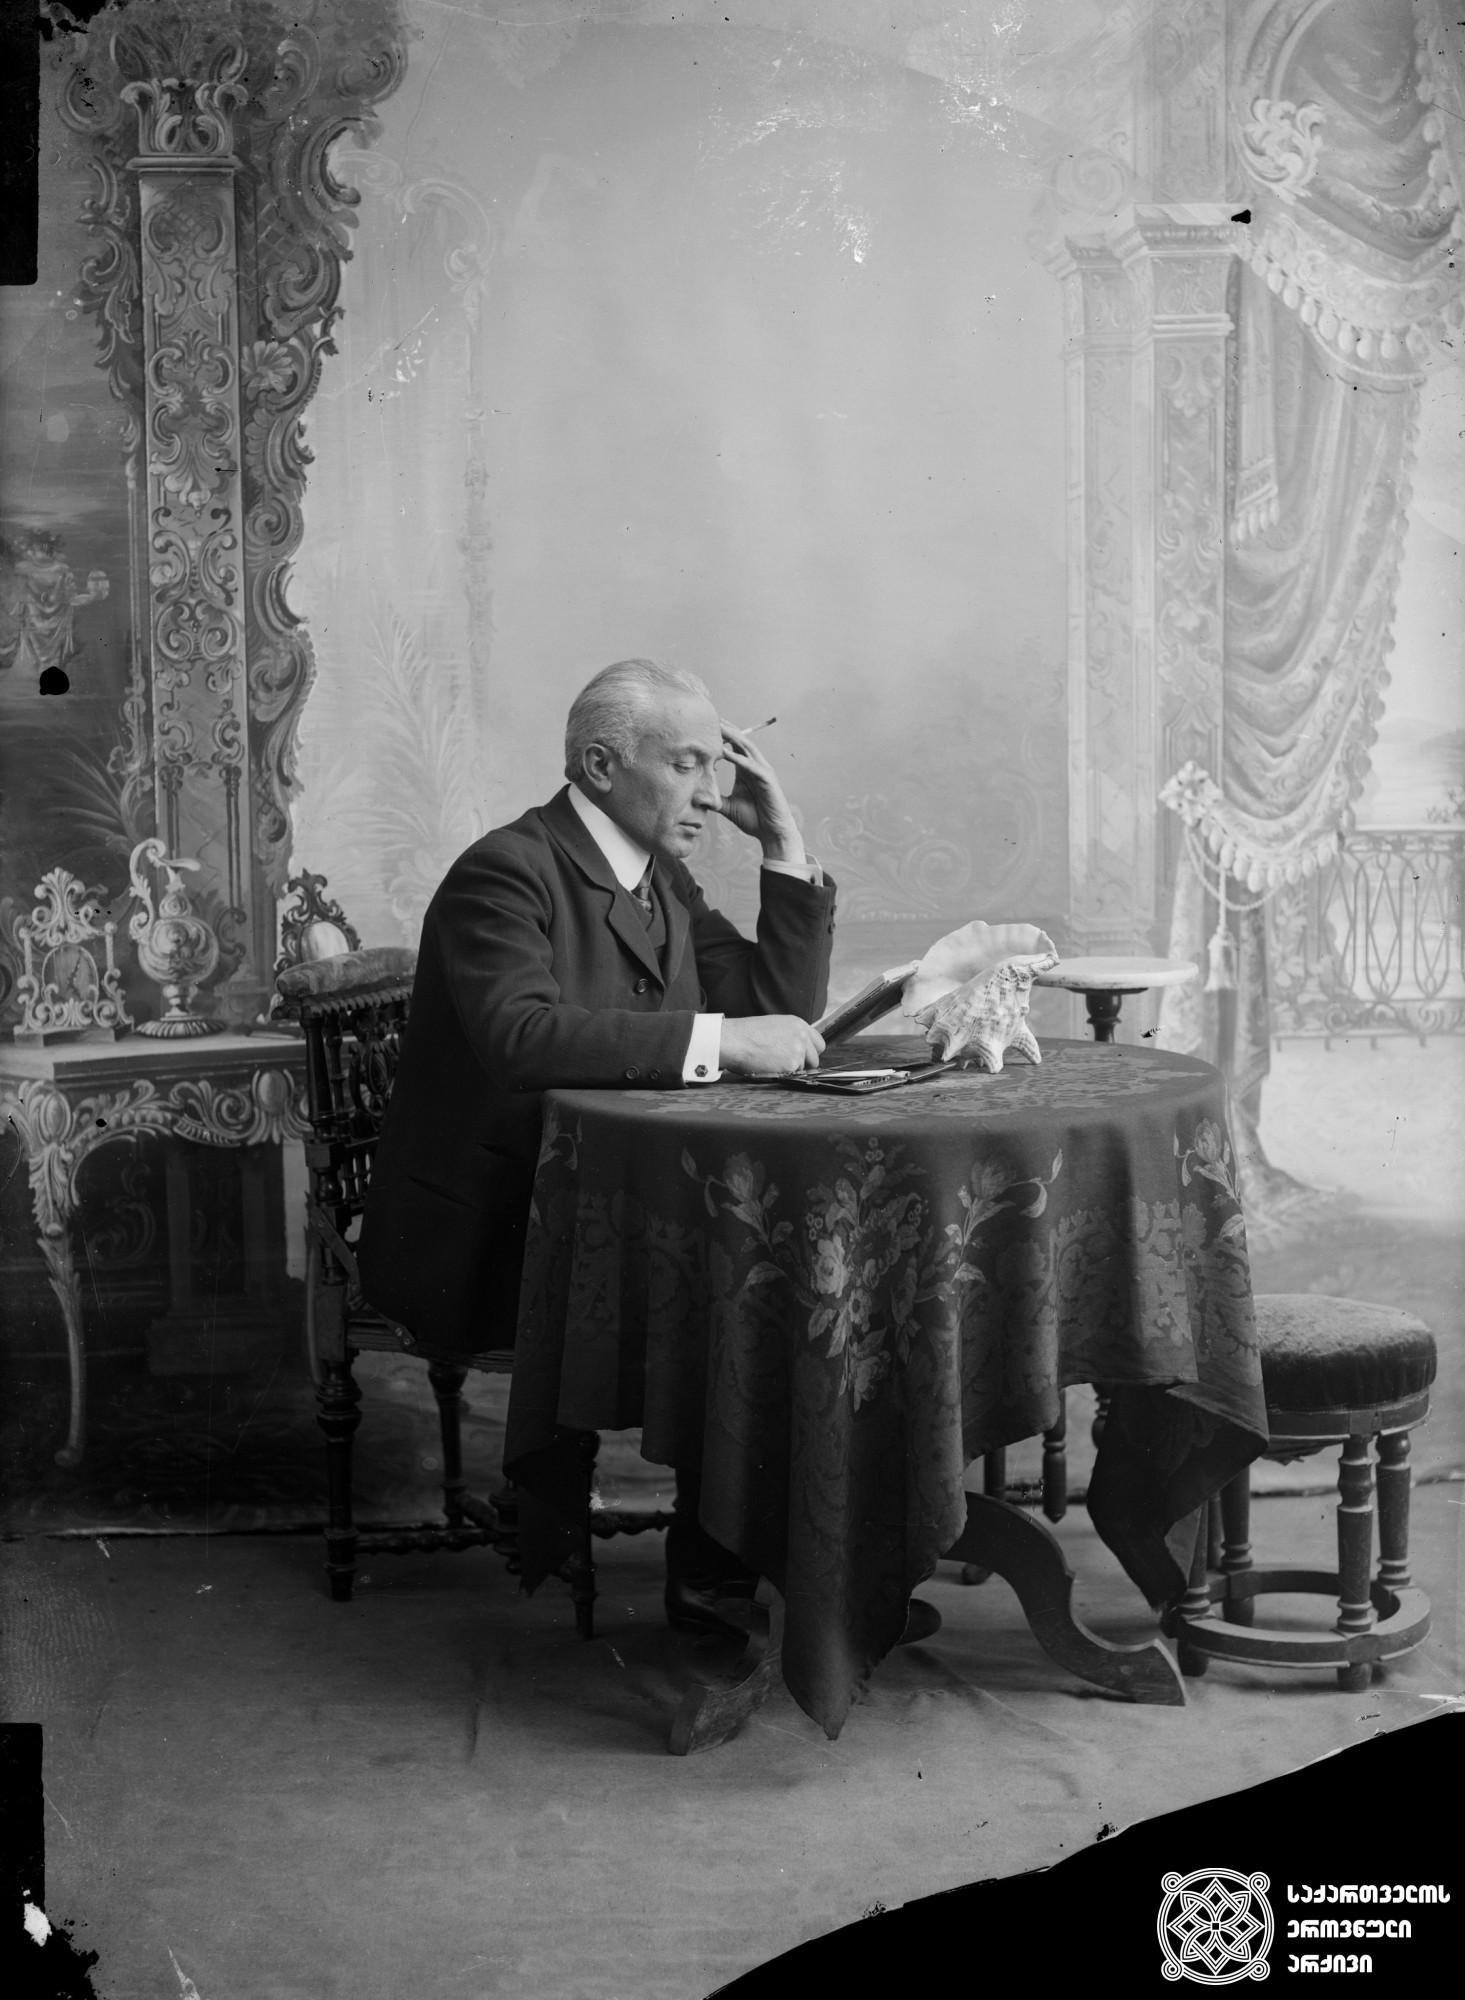 მსახიობი, რეჟისორი და დრამატურგი ვალერიან გუნია (1862-1938). <br> მინის ნეგატივი 12X16. <br> Actor, director and playwright Valerian Gunia (1862-1938). <br> Glass negative 12X16. <br>